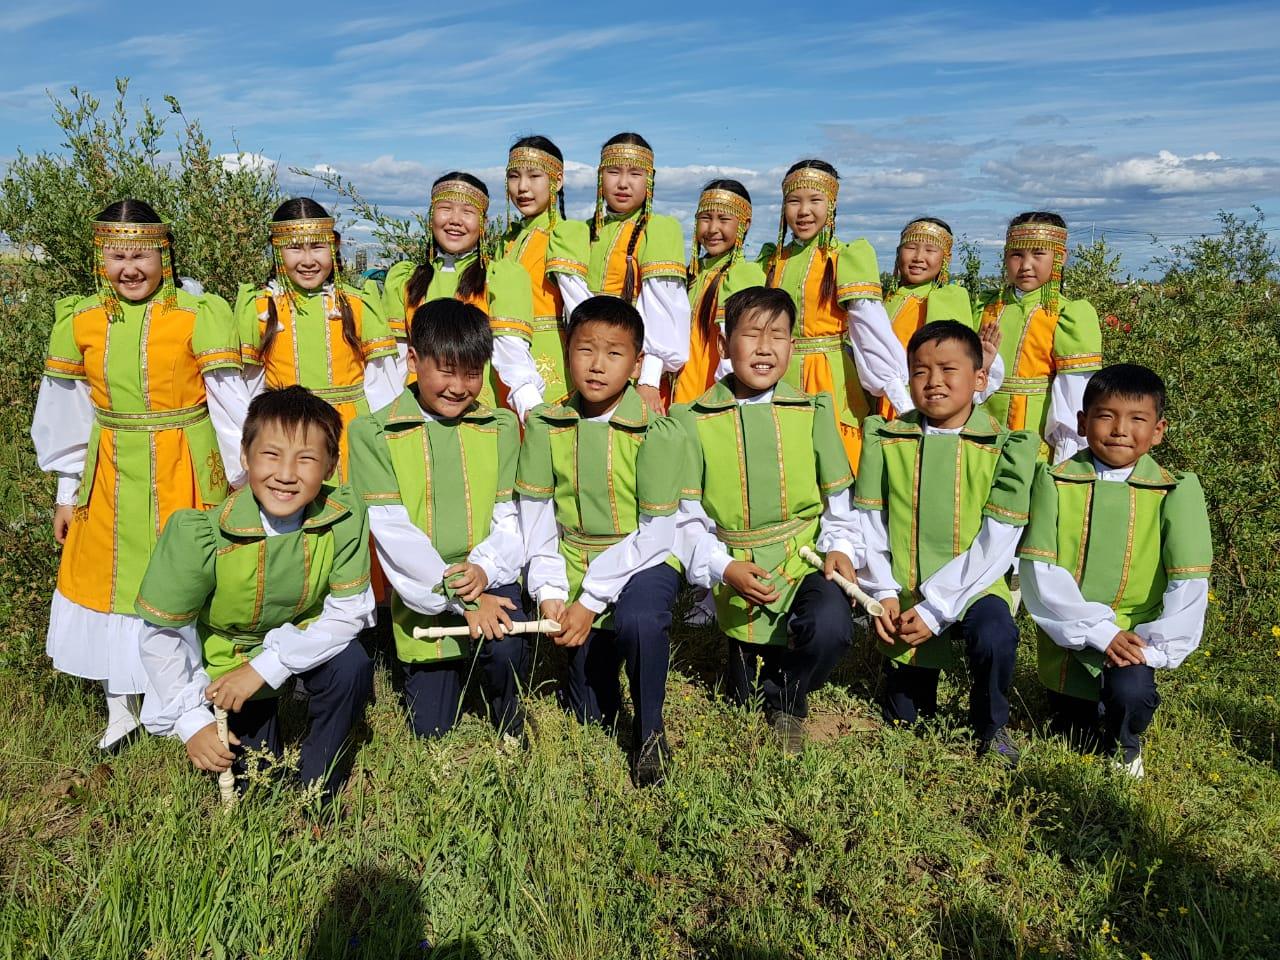 Группа обучающихся и учителей музыки Якутии примет участие во Всемирной конференции международного Музыкального образования ISME